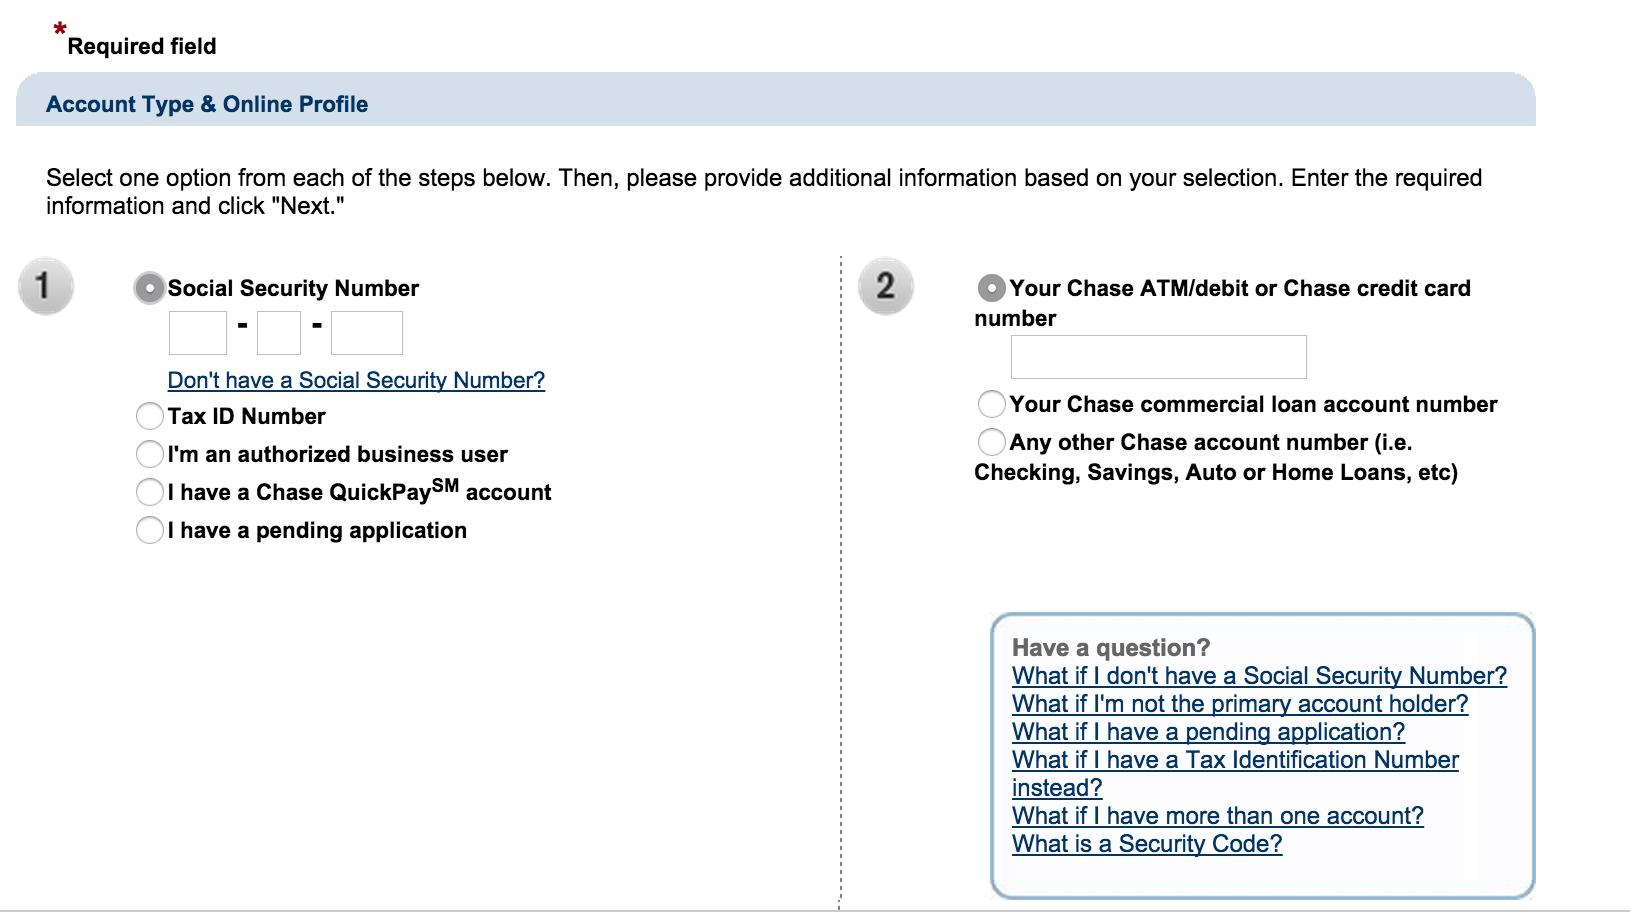 Southwest Rapid Rewards Visa Credit Card Login | Make a Payment